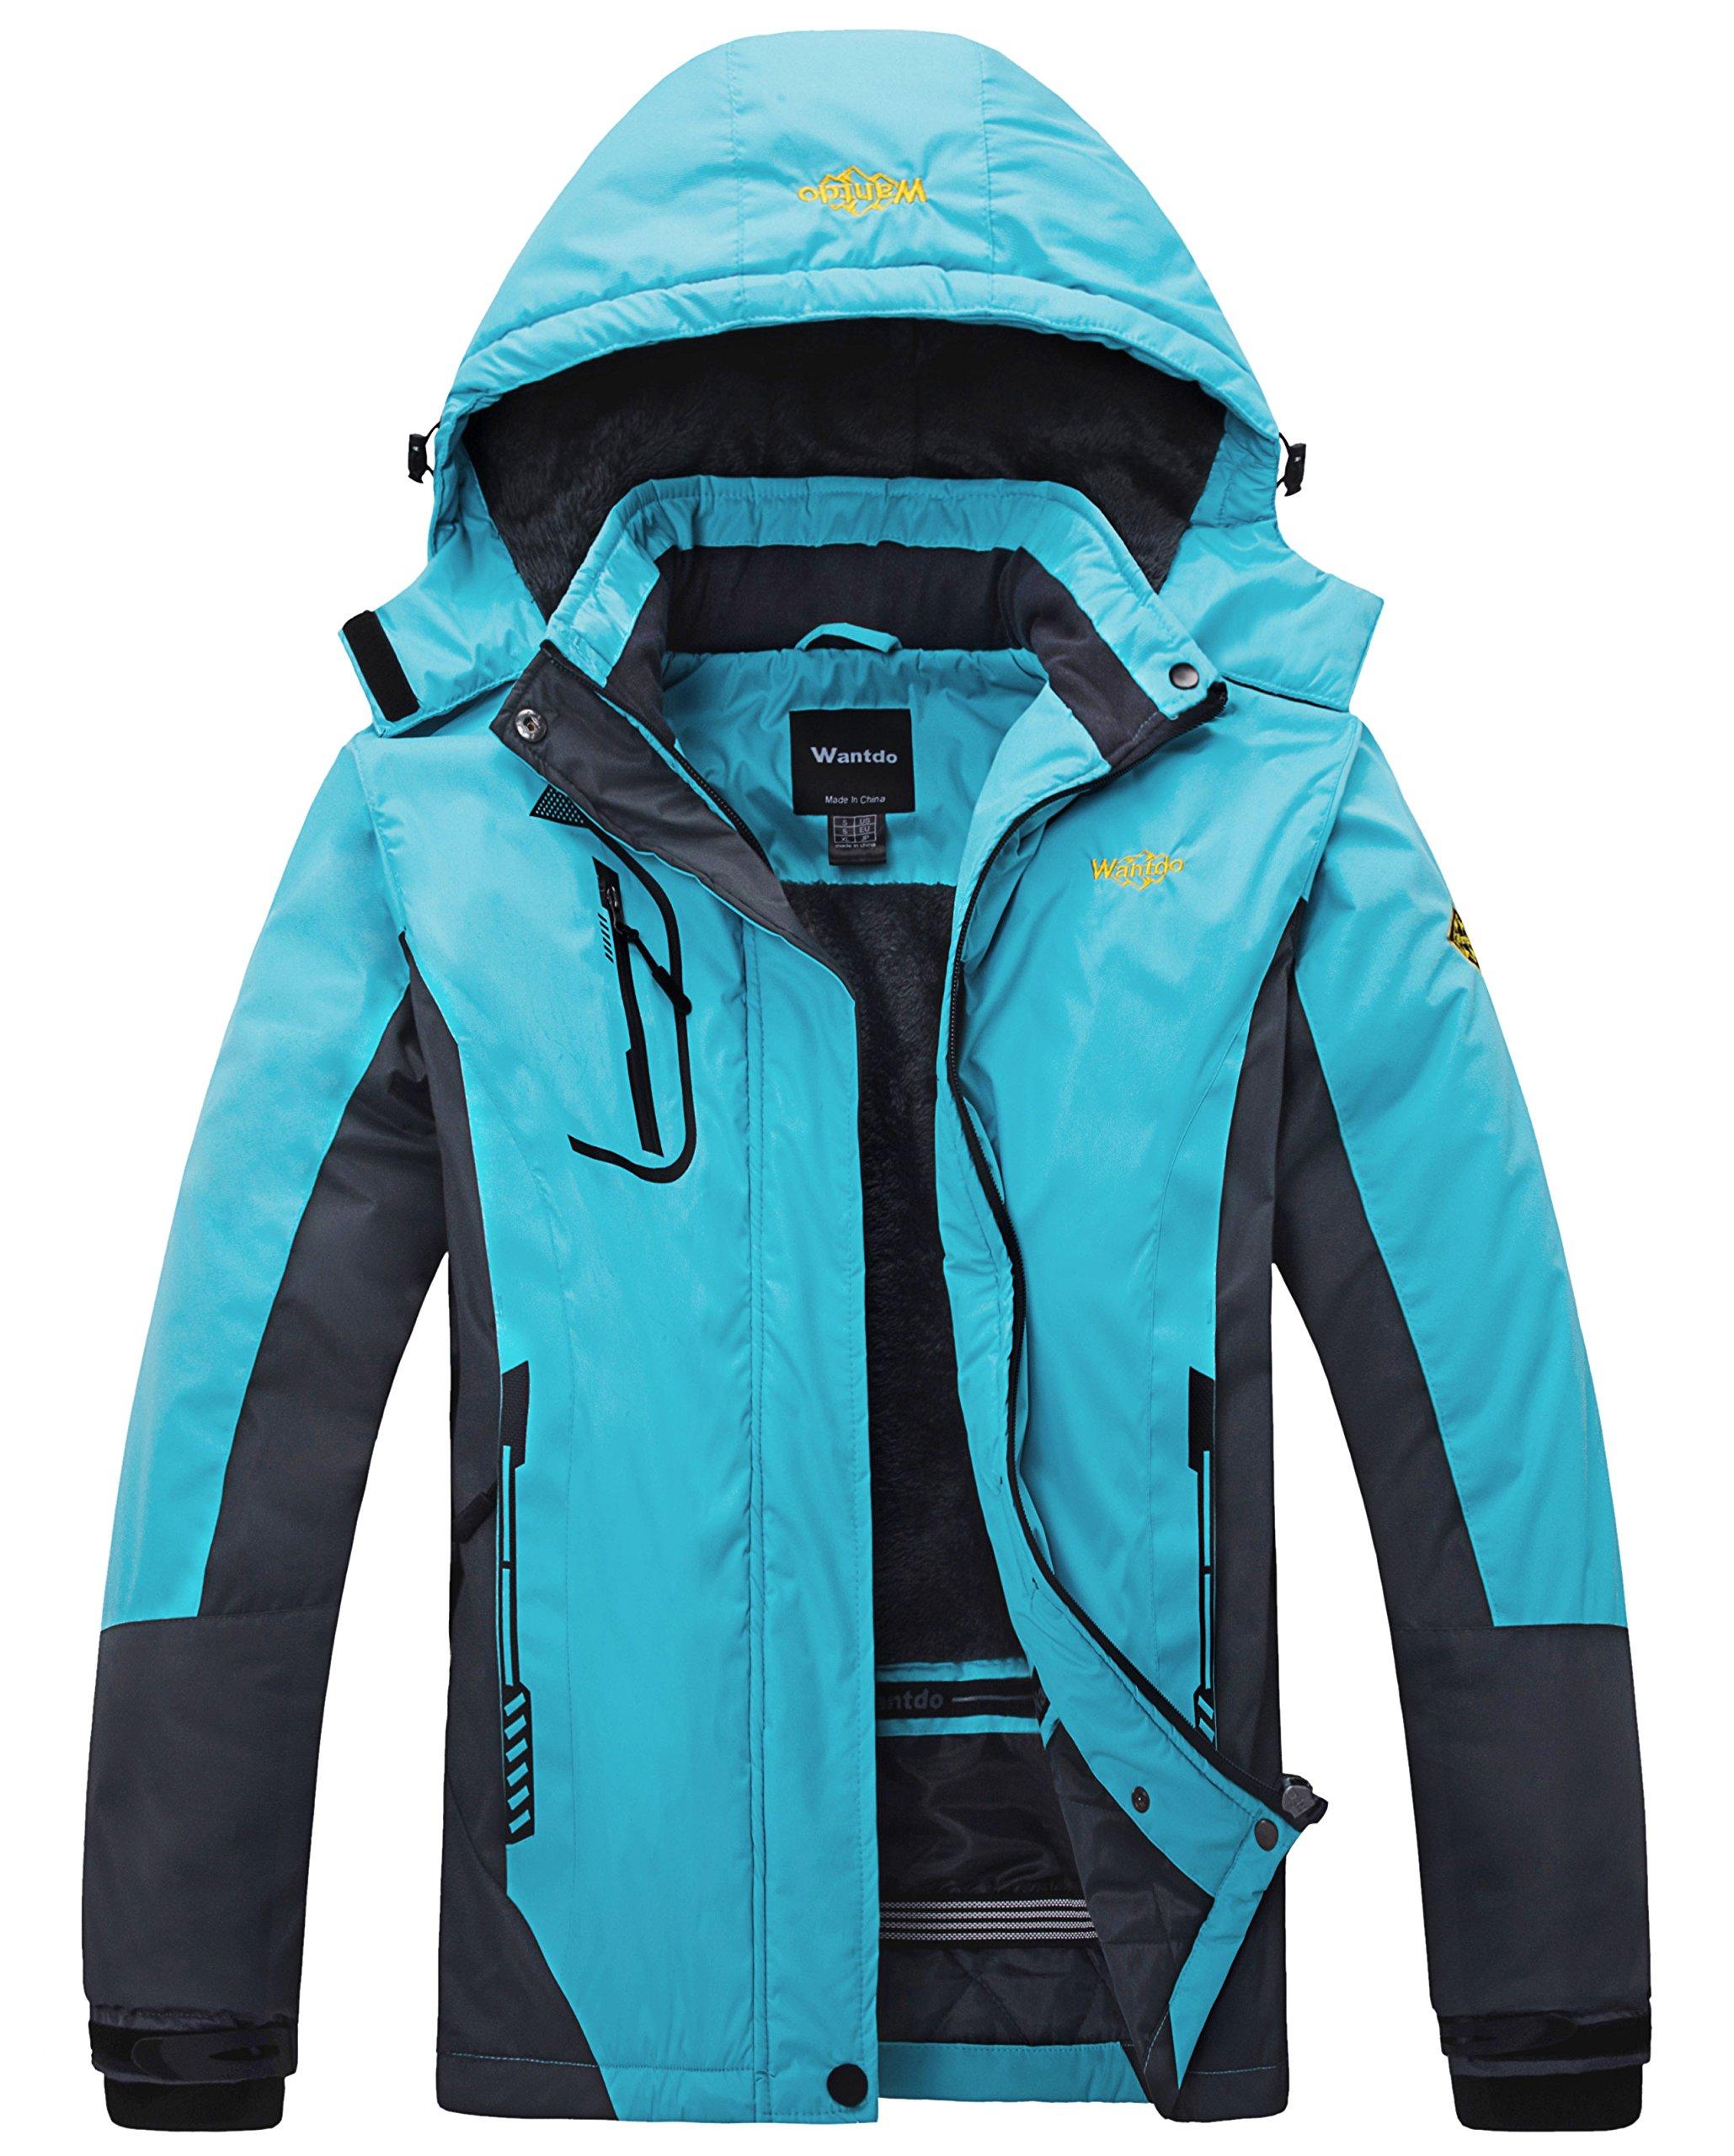 Wantdo Women's Waterproof Mountain Jacket Fleece Ski Jacket US S  Blue Small by Wantdo